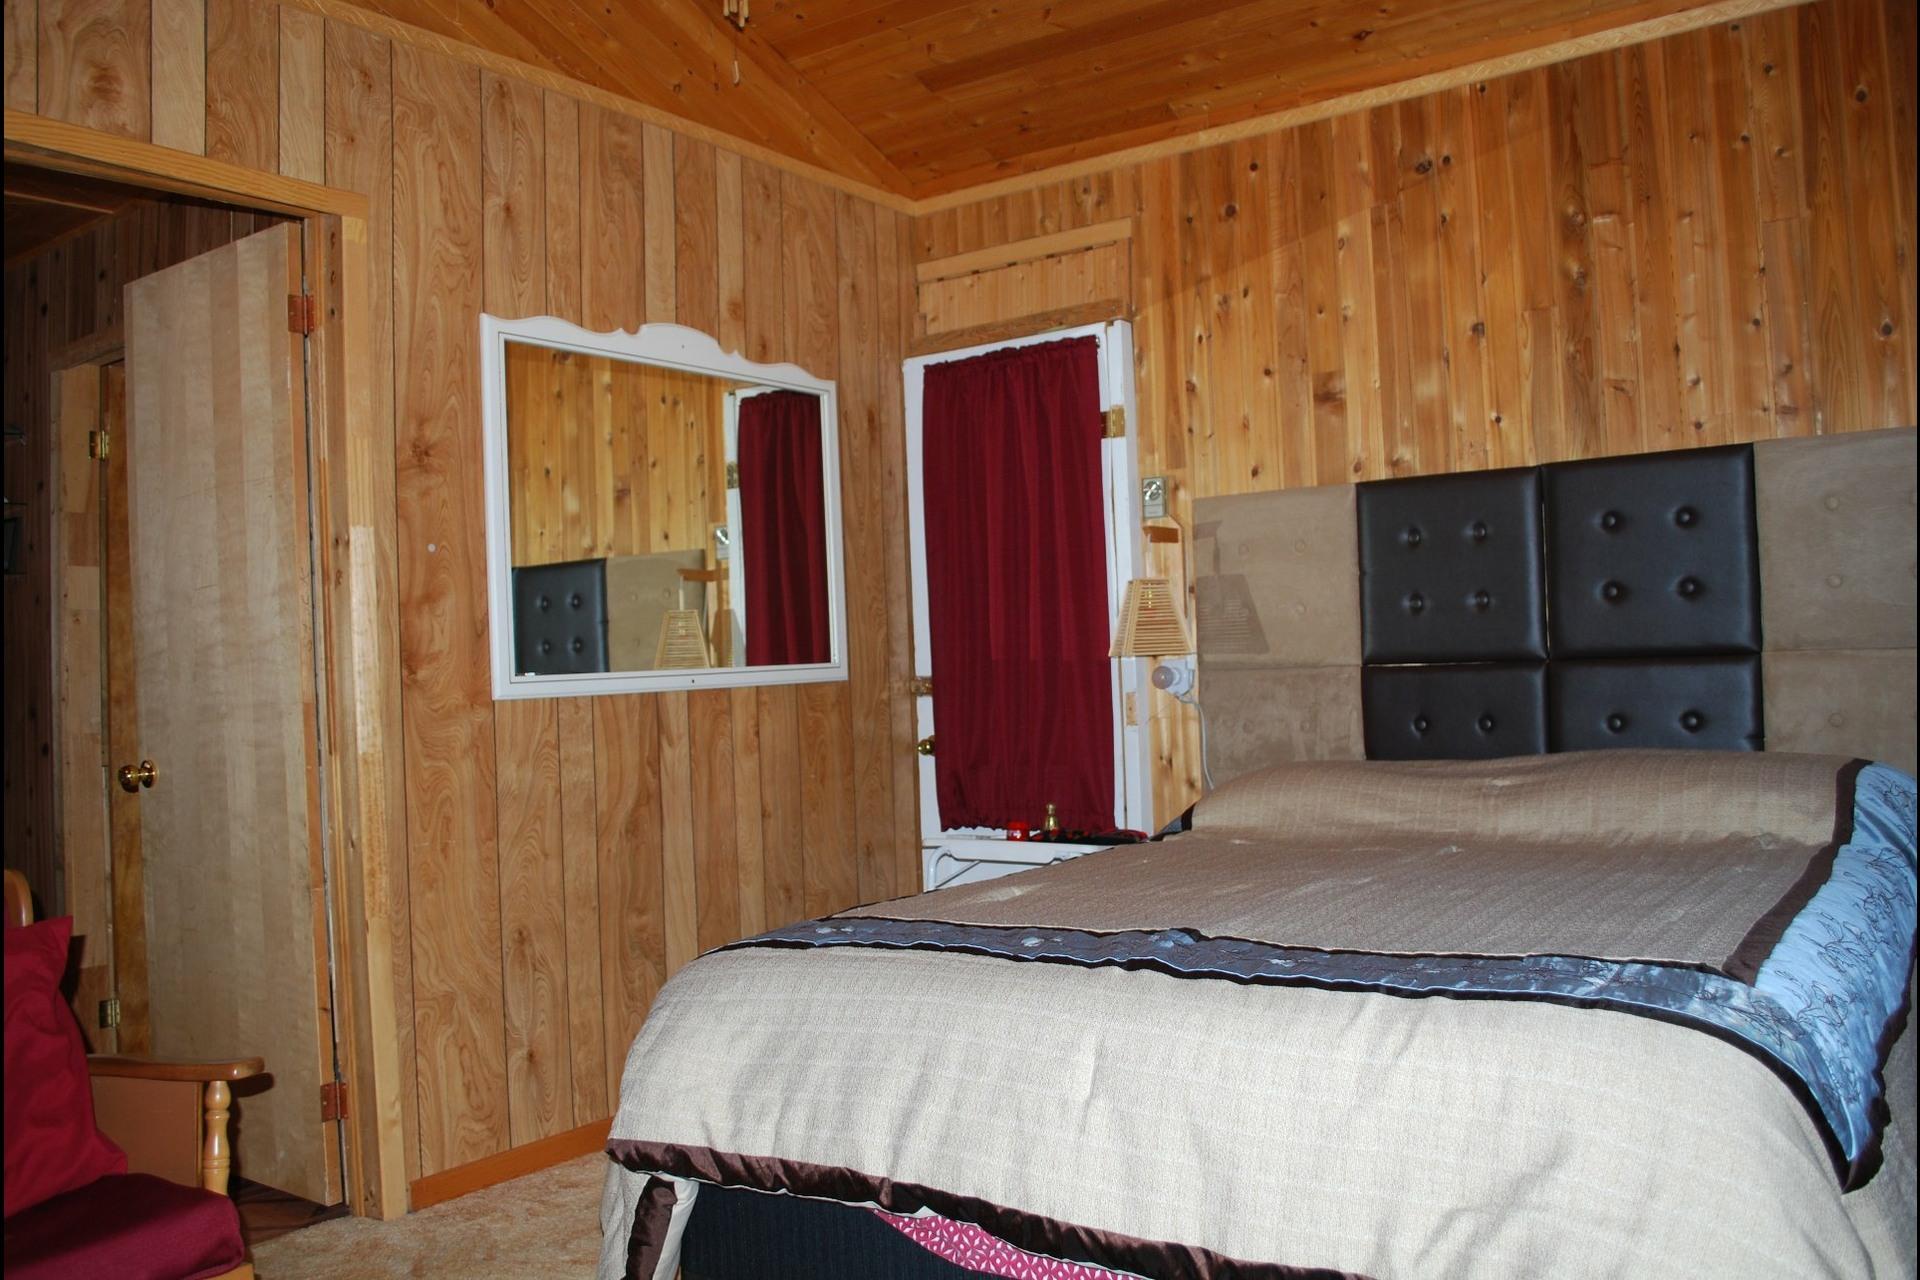 image 9 - House For sale Sainte-Béatrix - 5 rooms